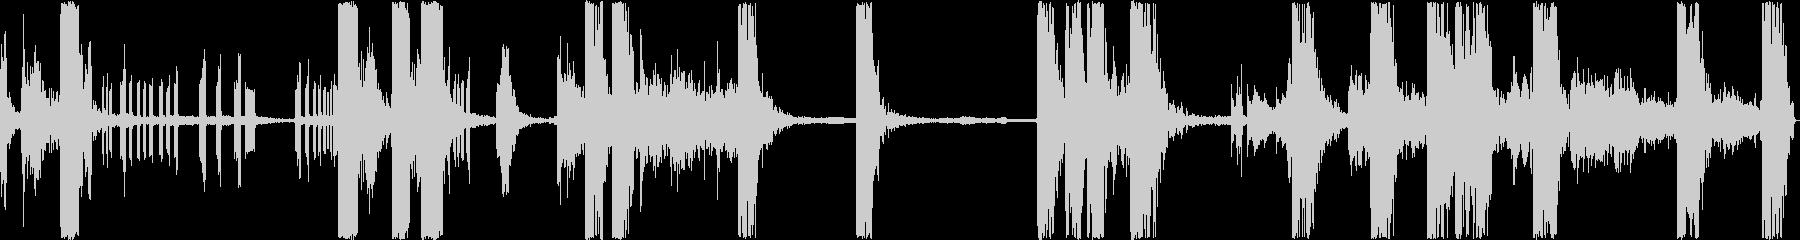 レーザーショットサブランブルブリッ...の未再生の波形